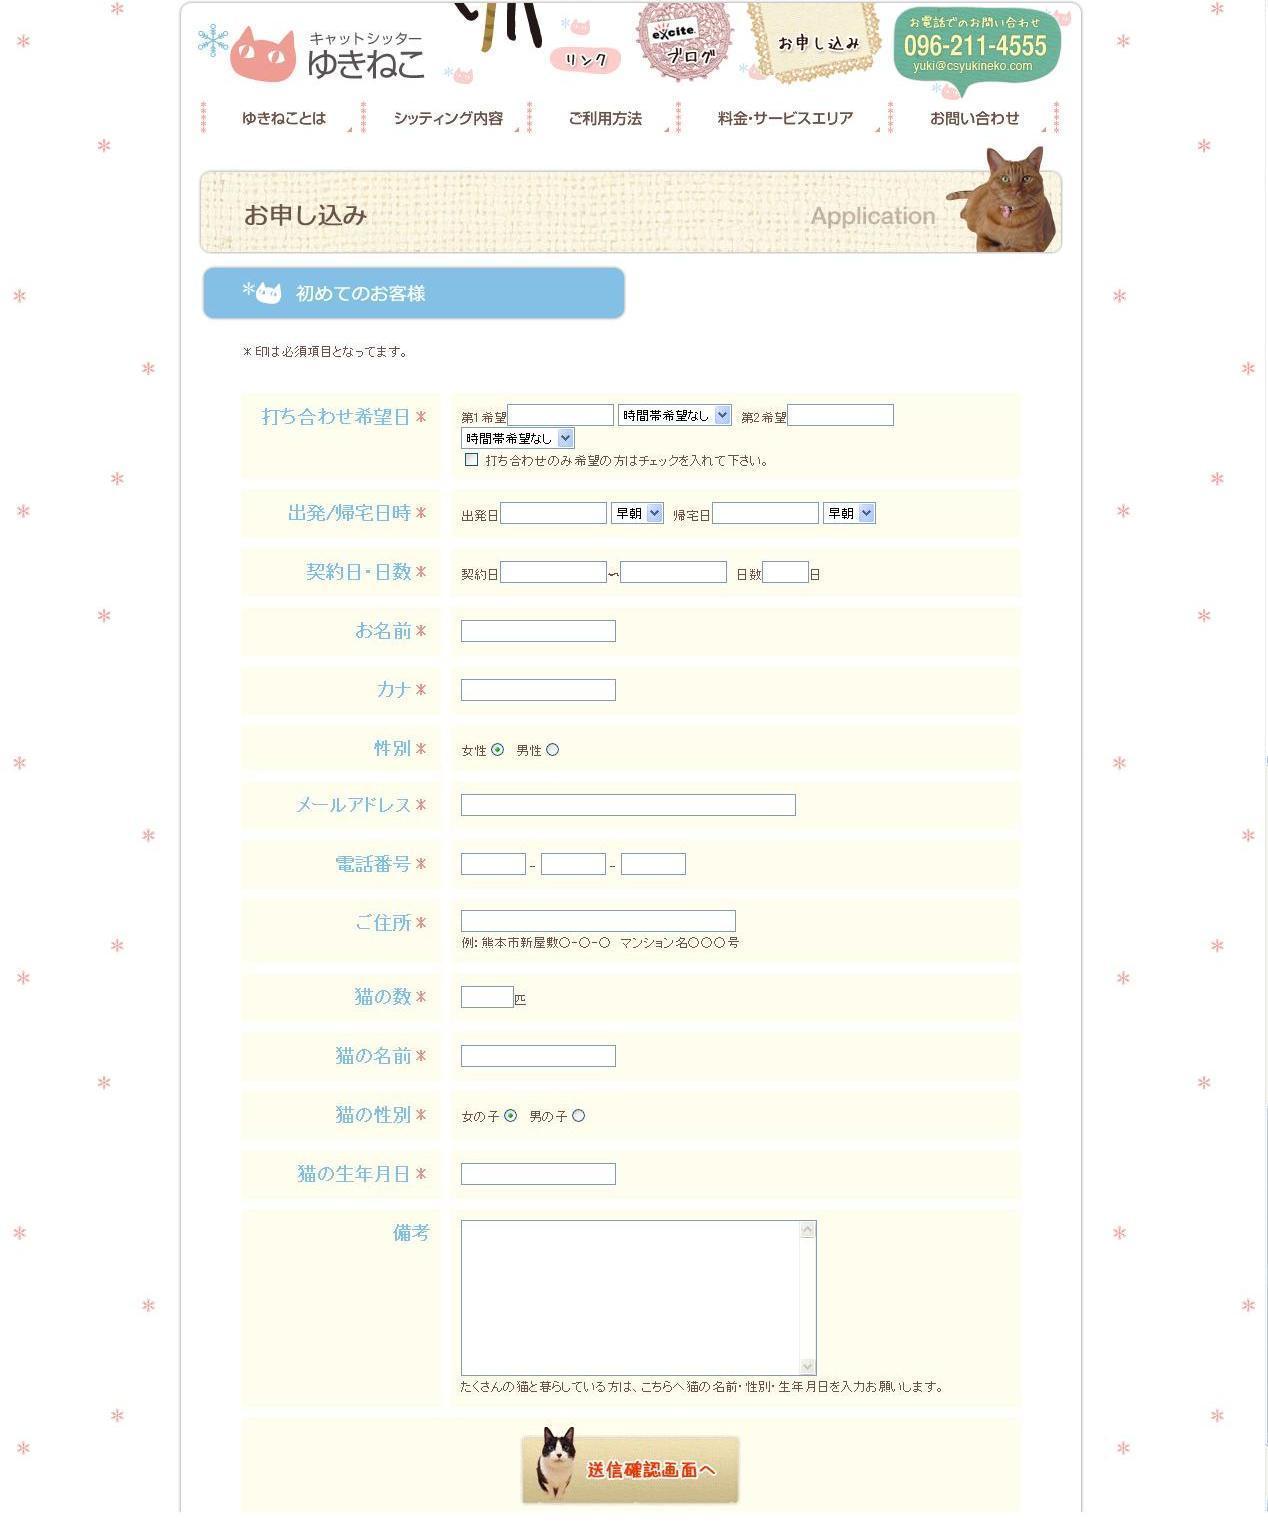 キャットシッターゆきねこホームページお申し込み画面変更。_a0143140_2121182.jpg